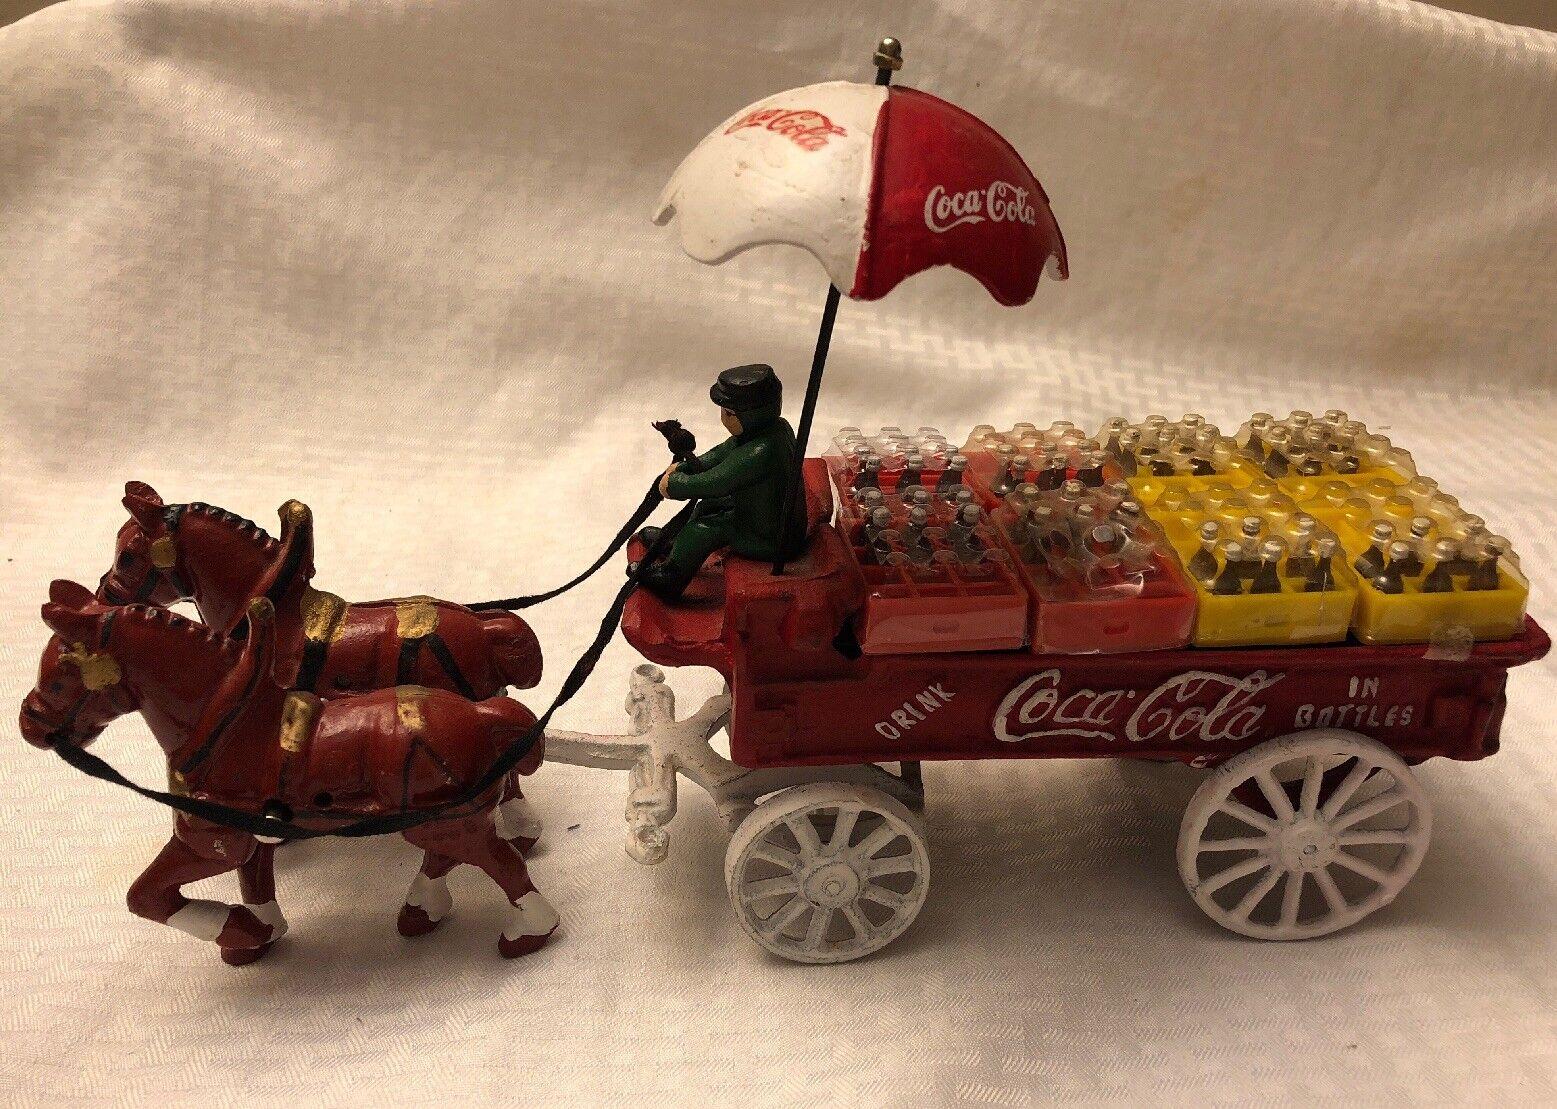 genuina alta calidad Vintage Vintage Vintage Coca Cola Caballo de Hierro Fundido dibujado Vagón paraguas casos botellas de Coca Cola  distribución global